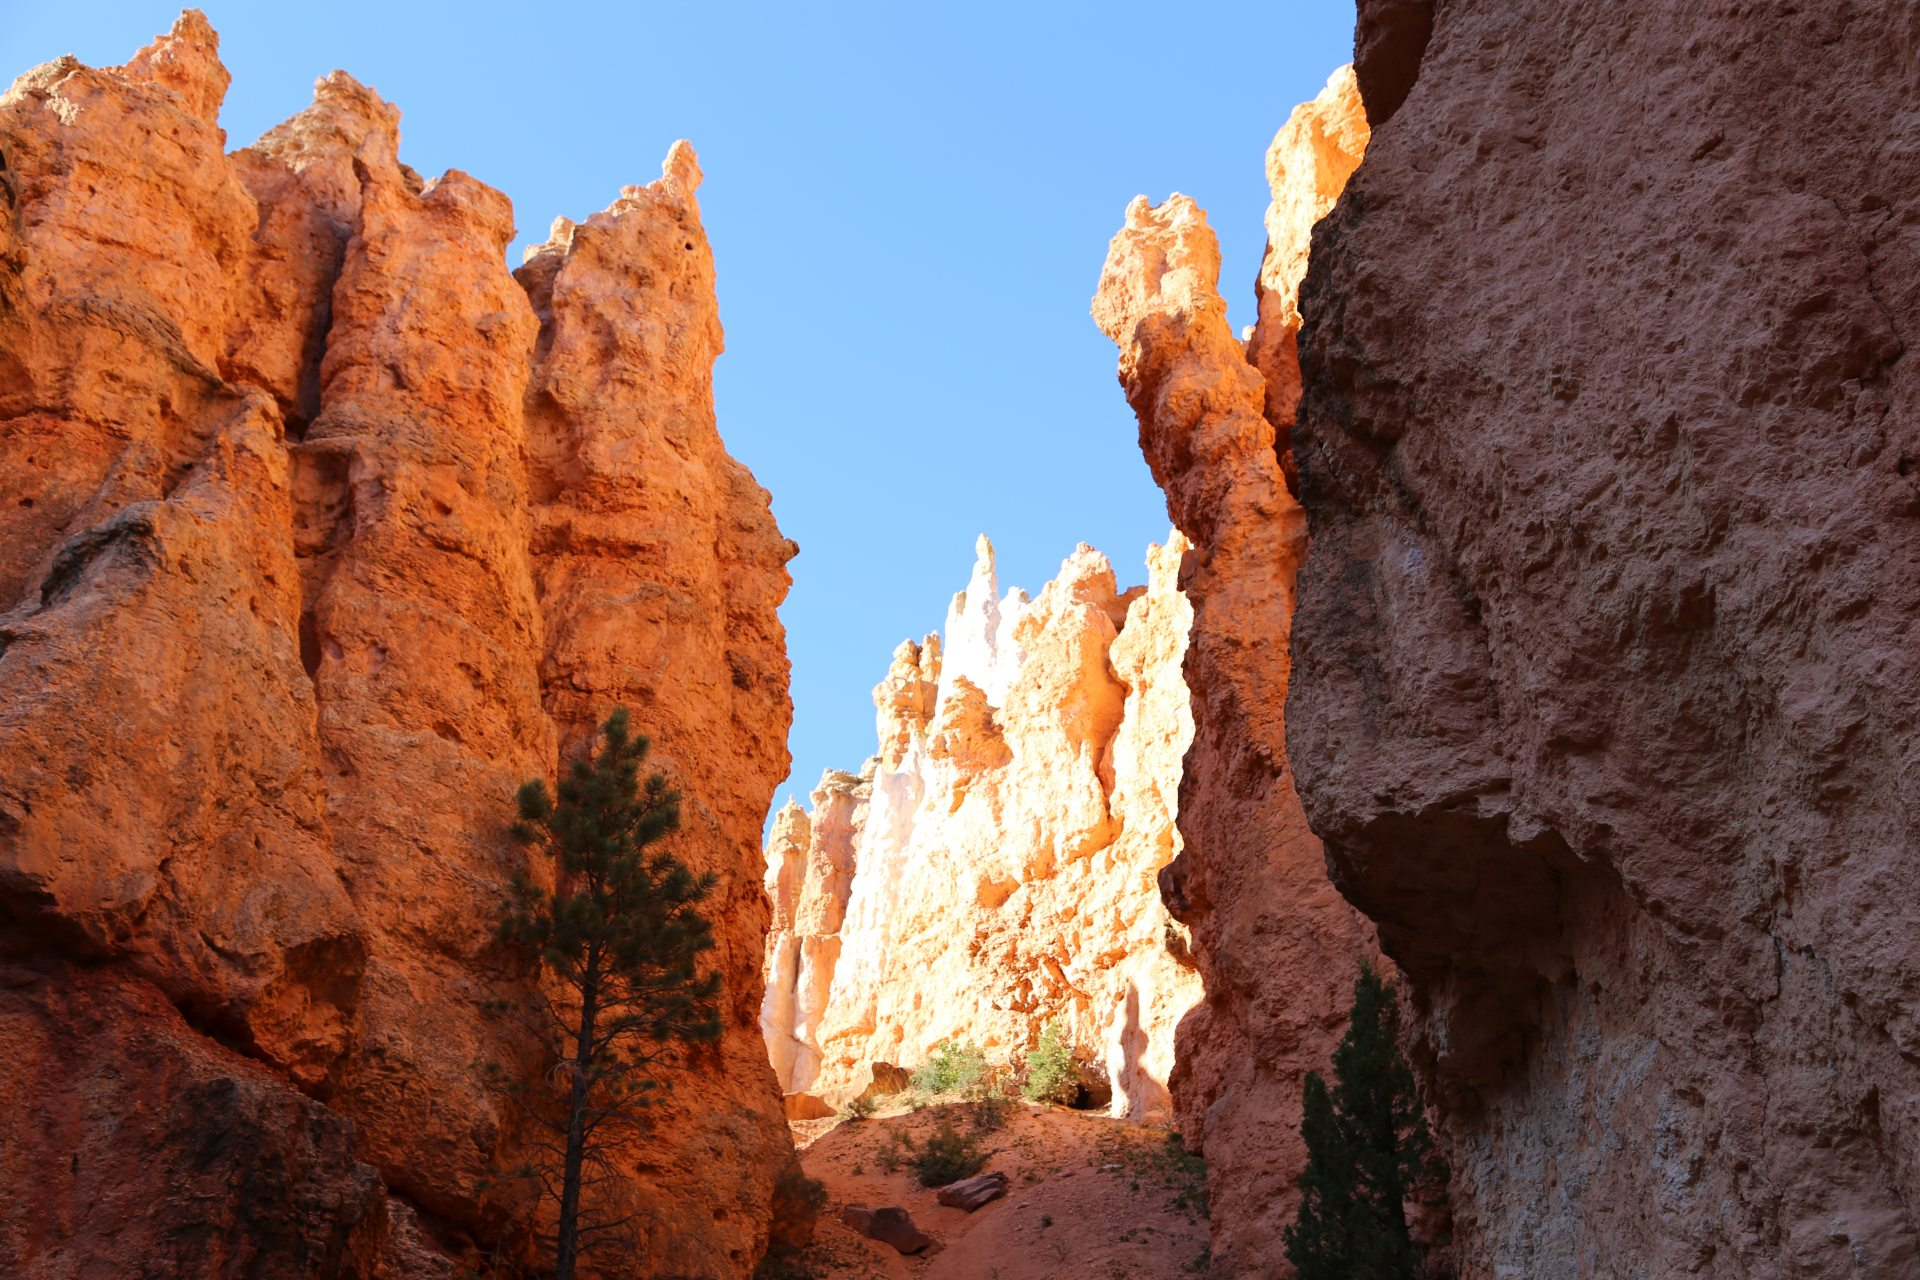 Tolle Lichtspiele am späten Nachmittag - Bryce Canyon National Park, Canyon, Erosion, farbenfroh, Felsnadeln, Felstürme, Felswände, Geologie, Gestein, Gesteinssäulen, Gesteinsschichten, Himmel, Hoodoos, Monolithen, Navajo Loop Trail, Sandstein, Schlucht, Utah - (Bryce Canyon, Bryce, Utah, Vereinigte Staaten)